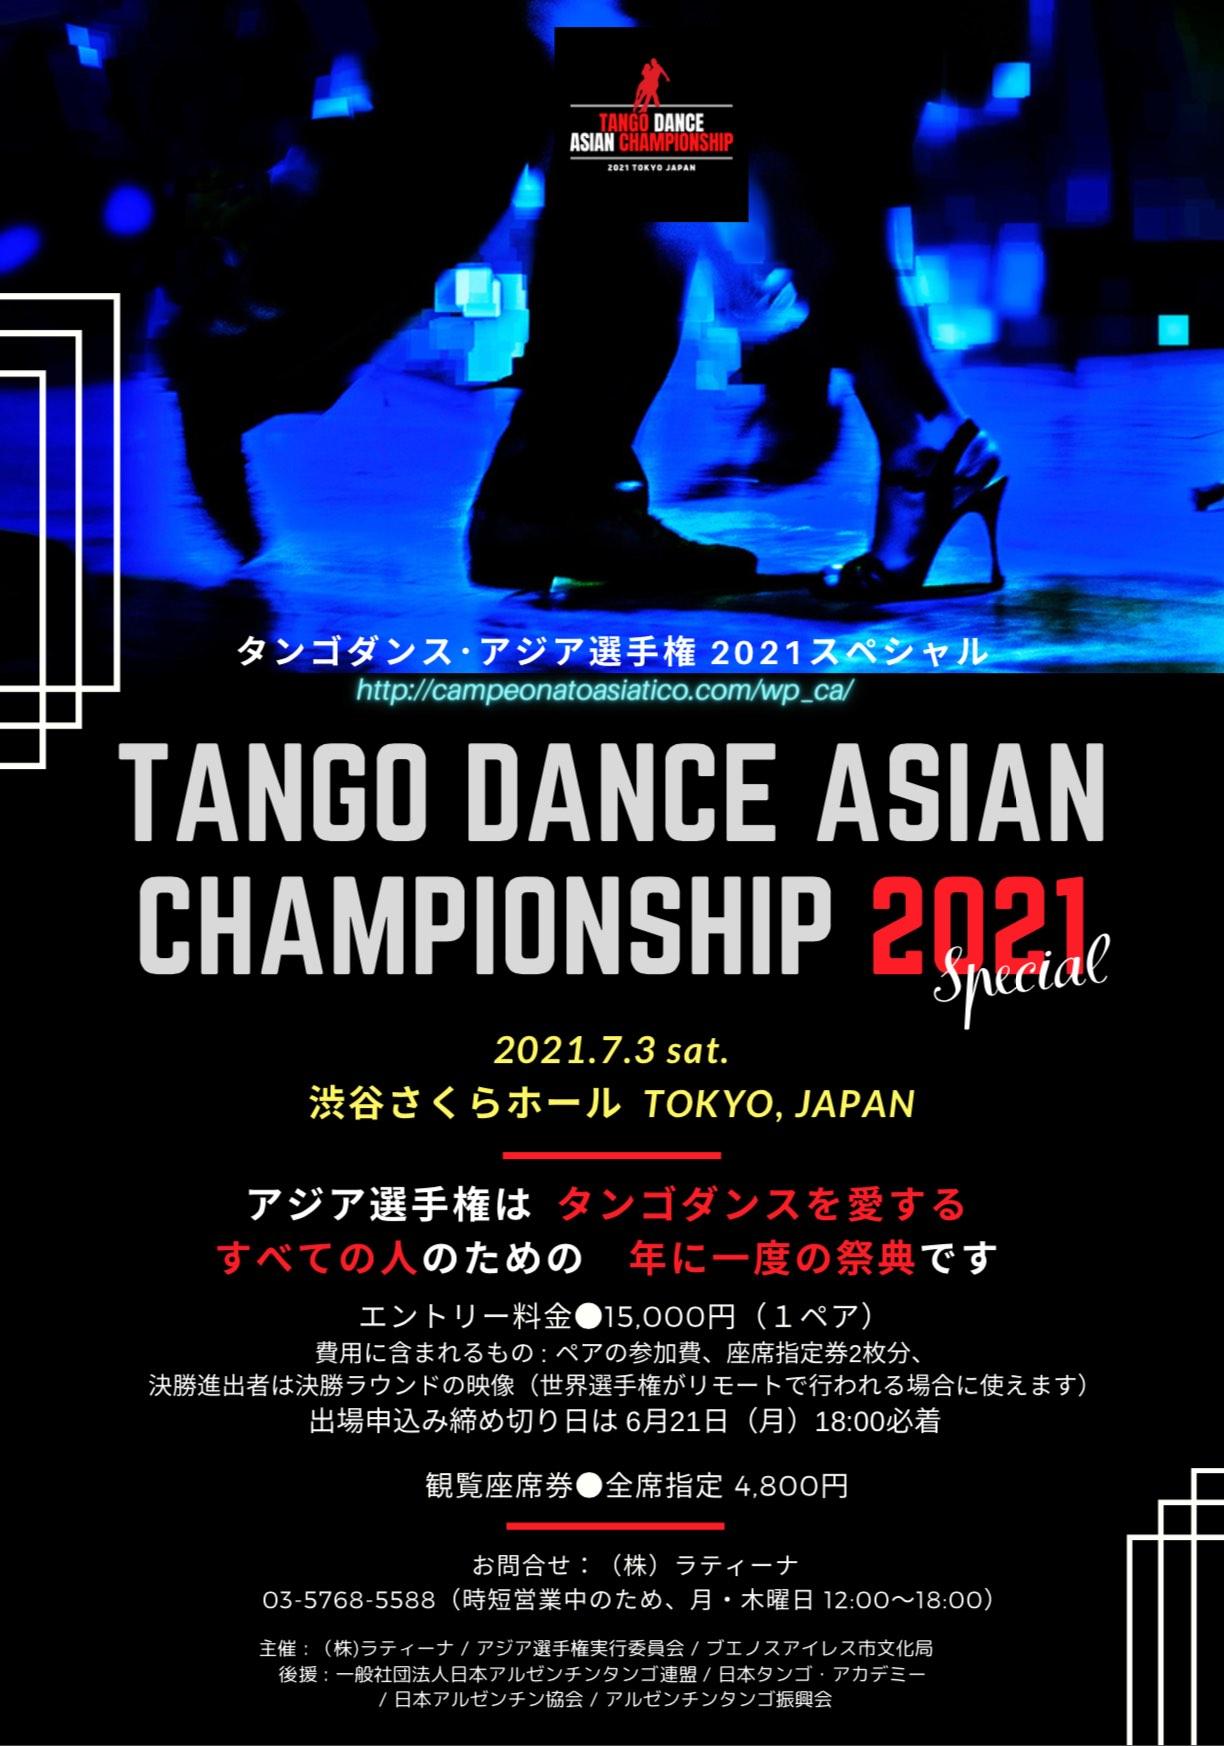 タンゴダンス・アジア選手権 2021 スペシャル